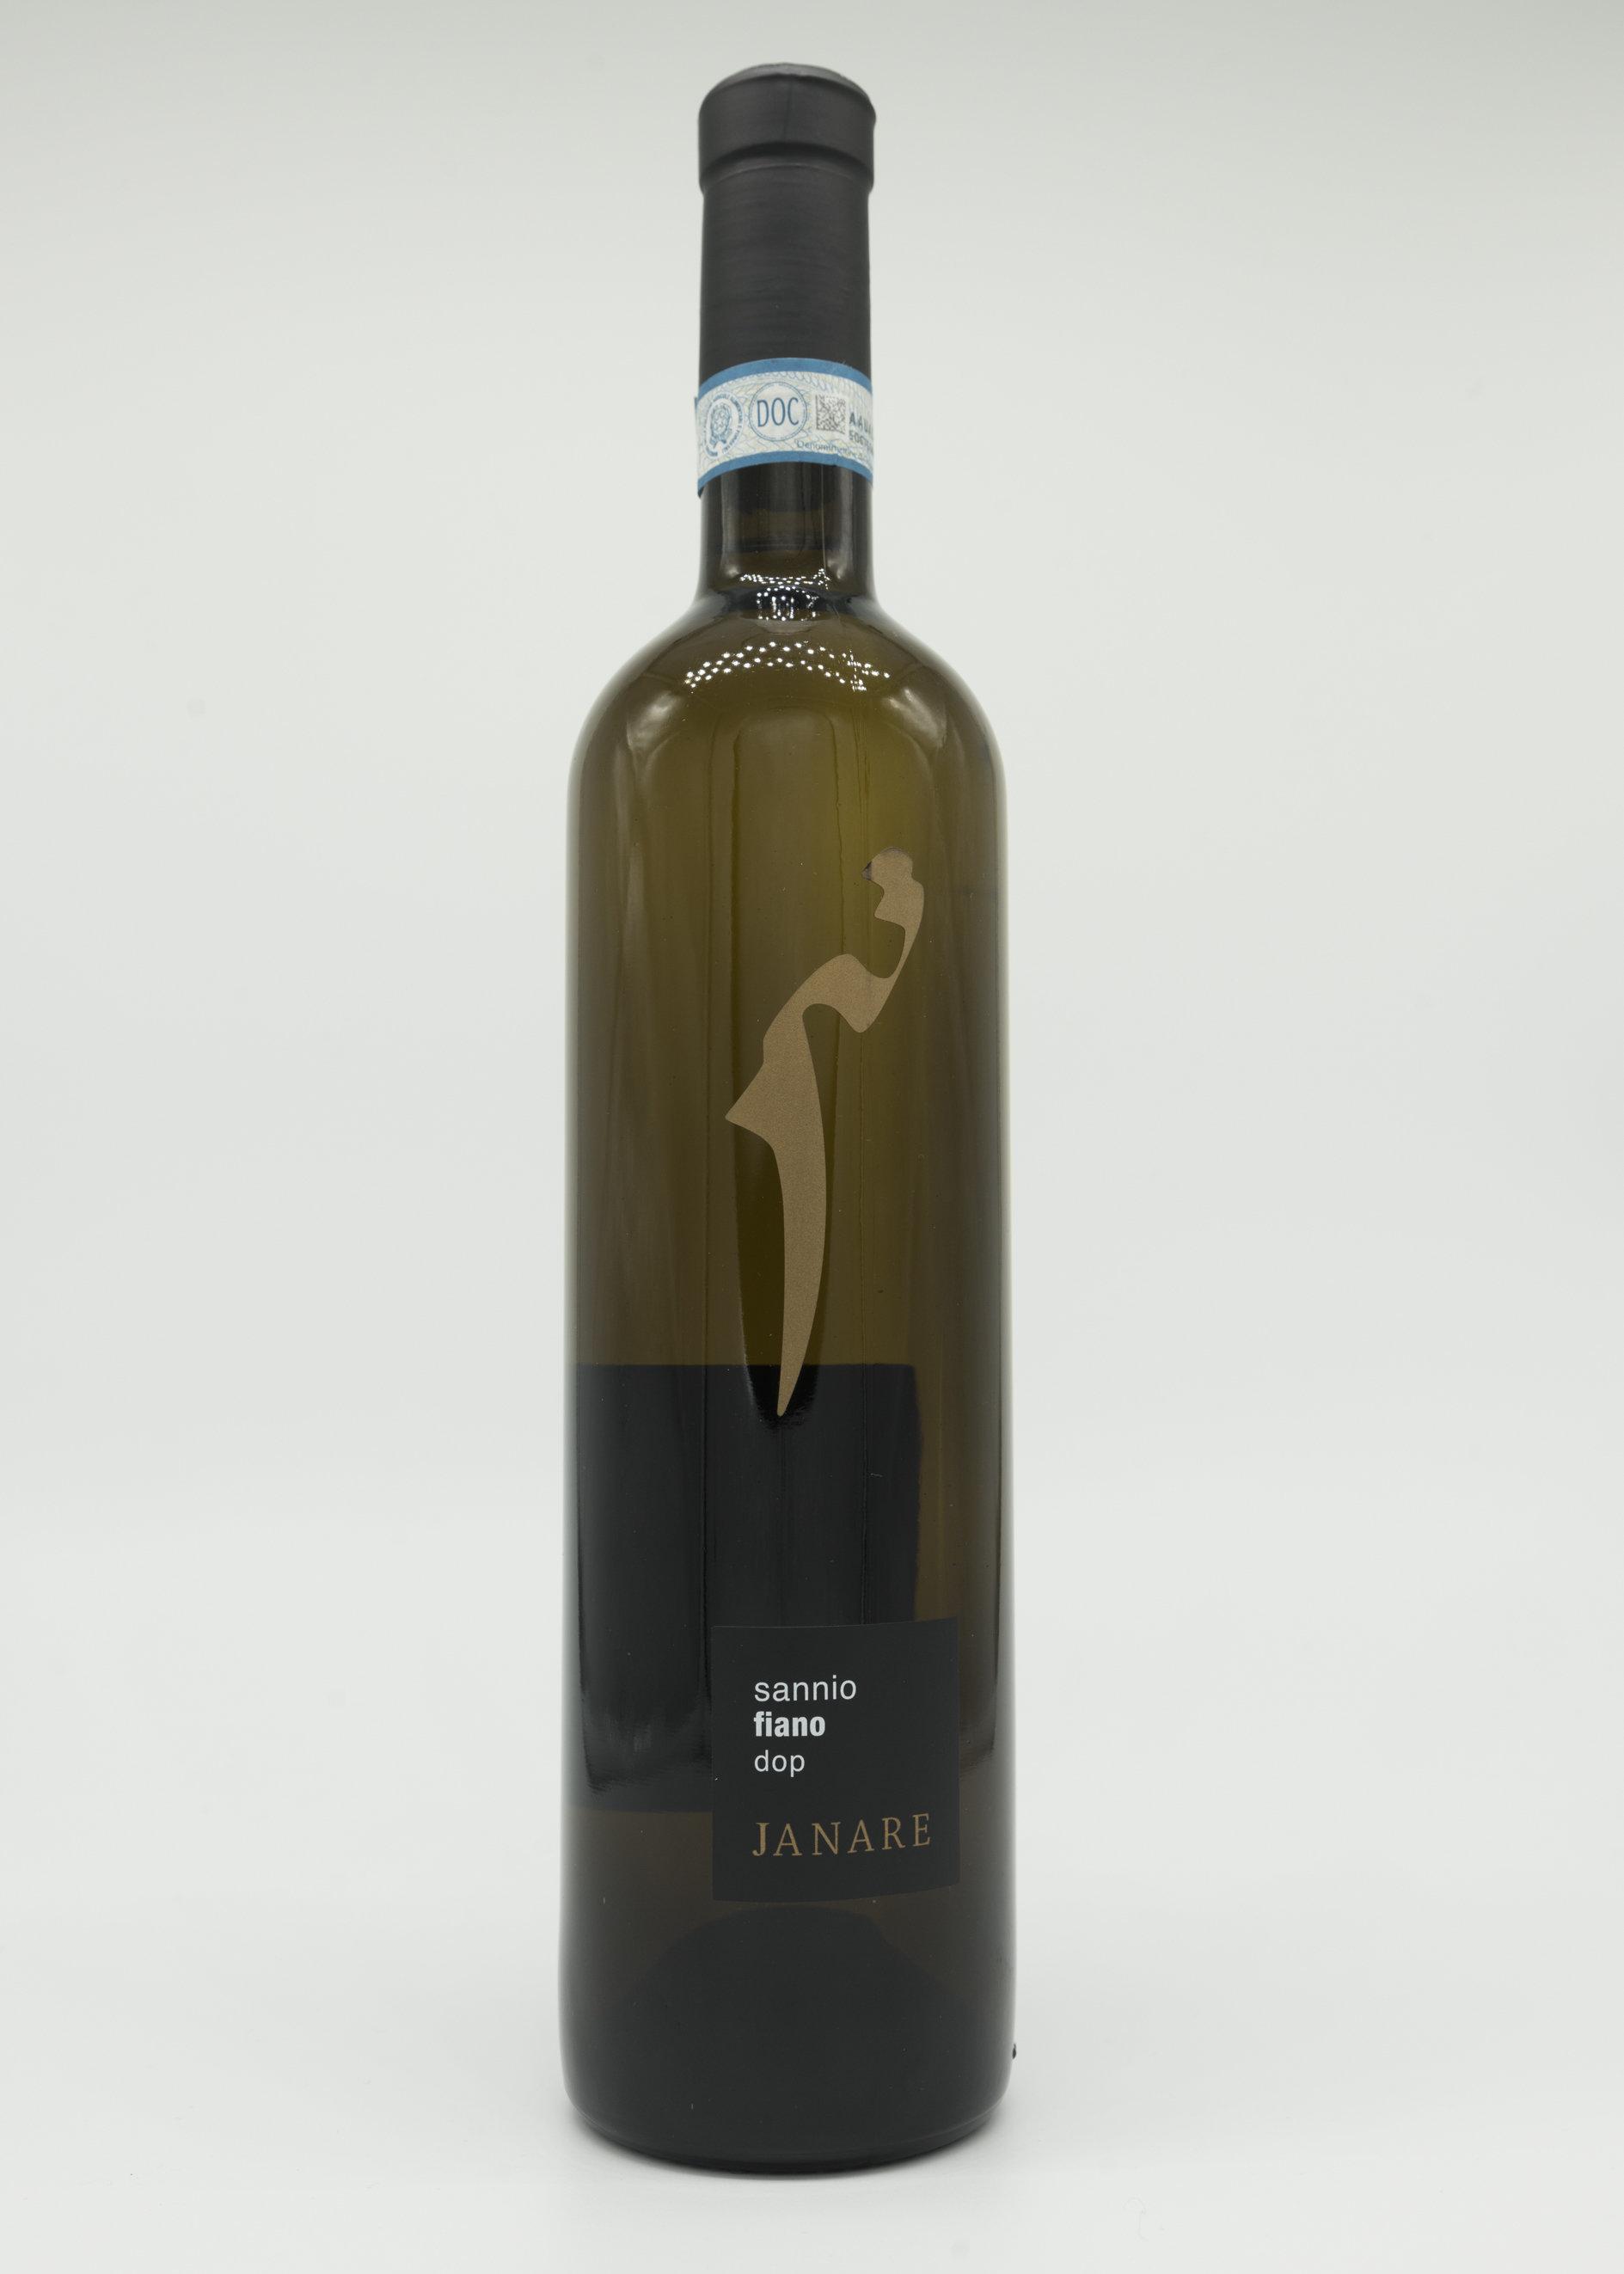 Fiano 'Janare' La Guardiense 2018 00054